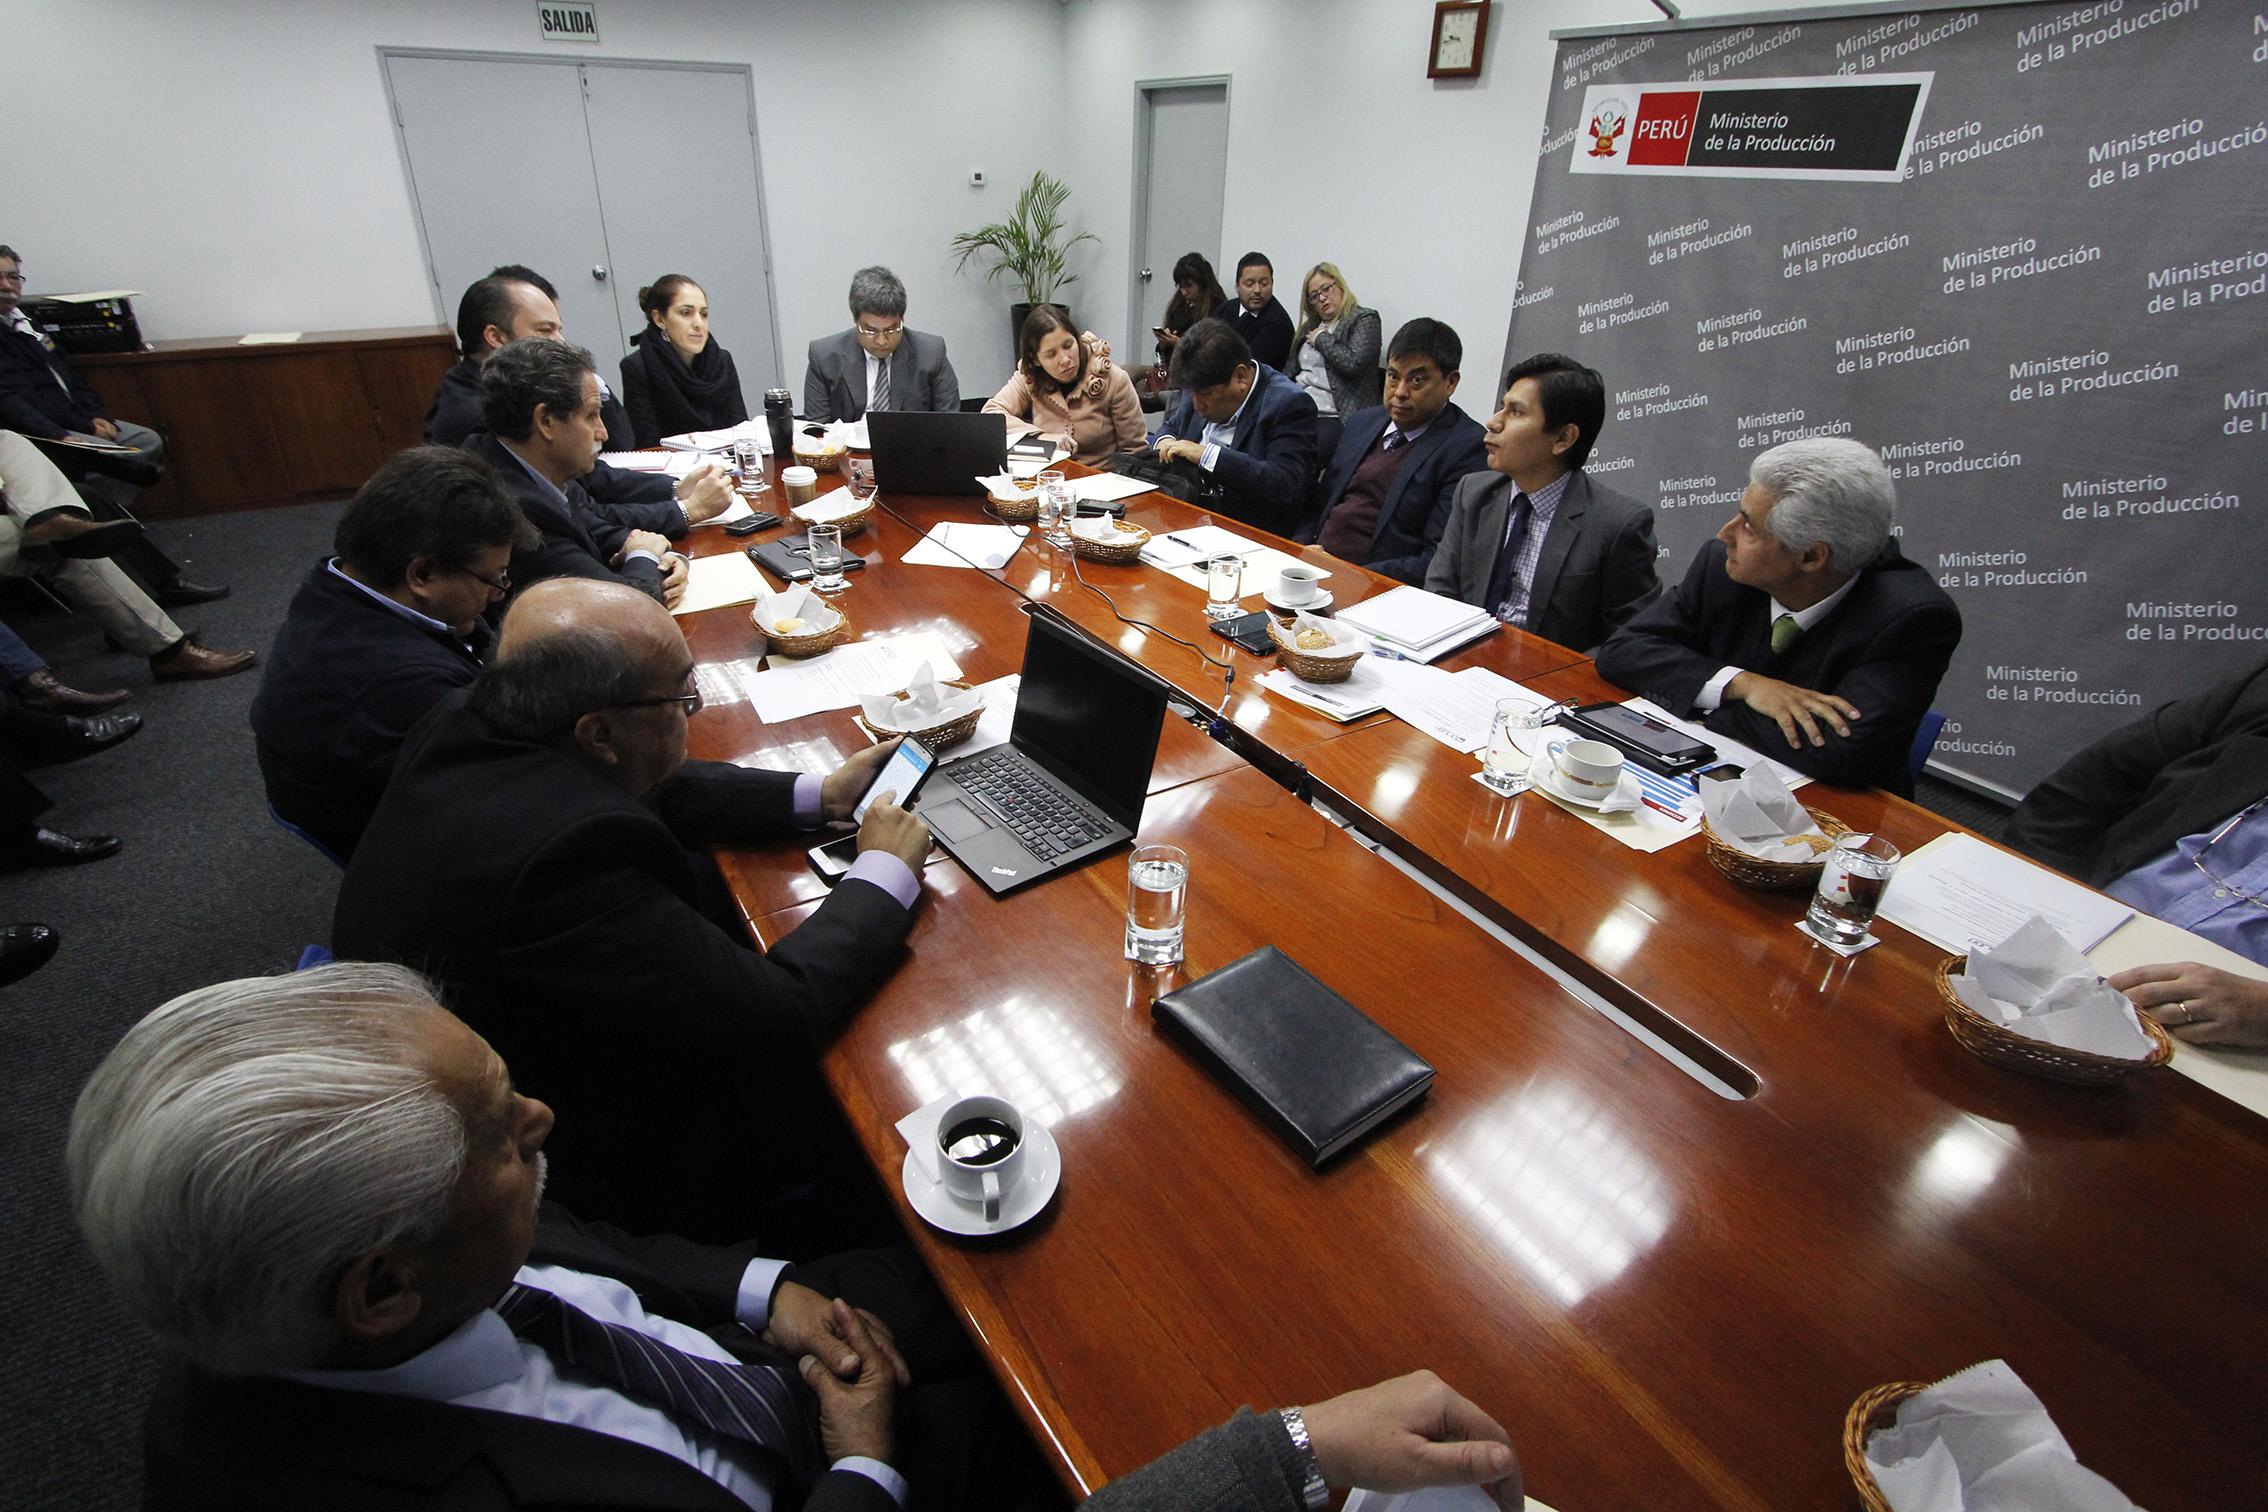 Foto: Ministerio de la Producción